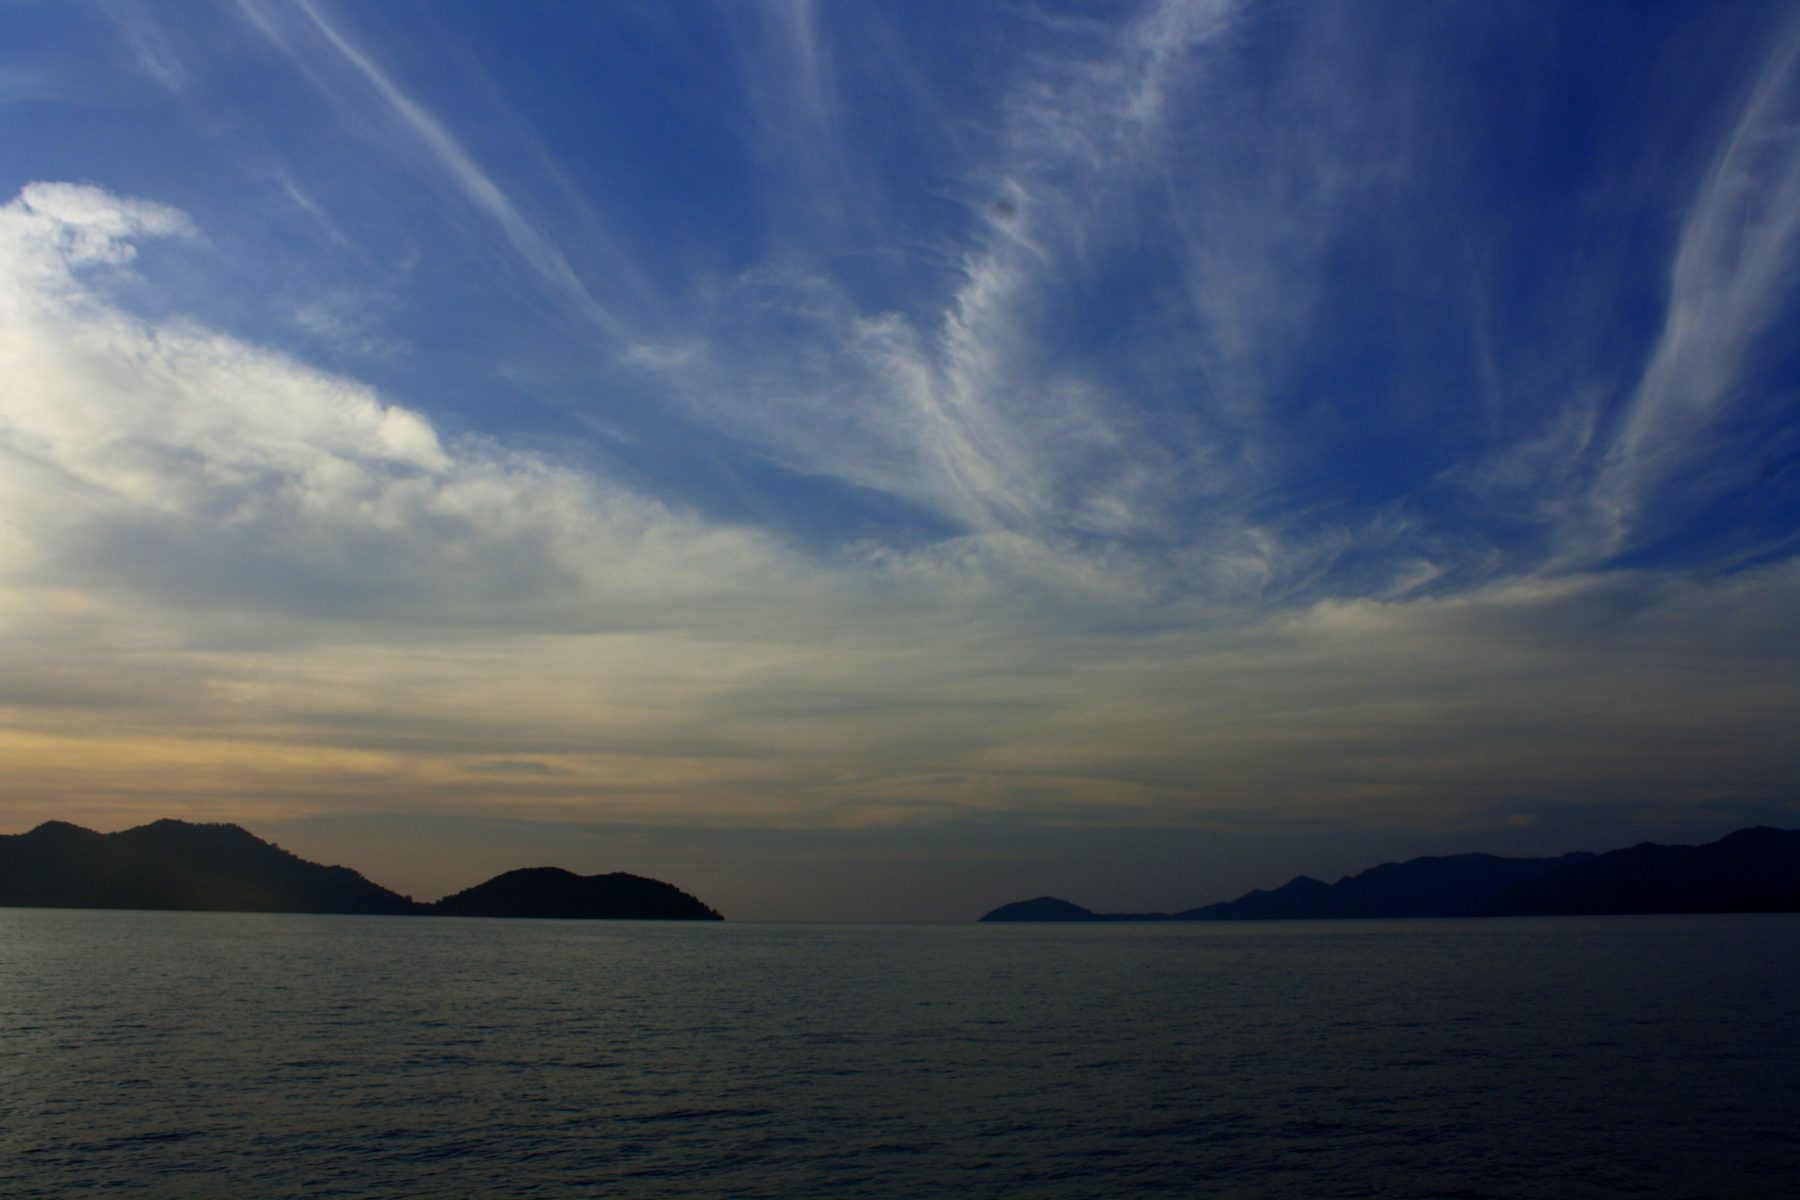 coucher de soleil thaïlande